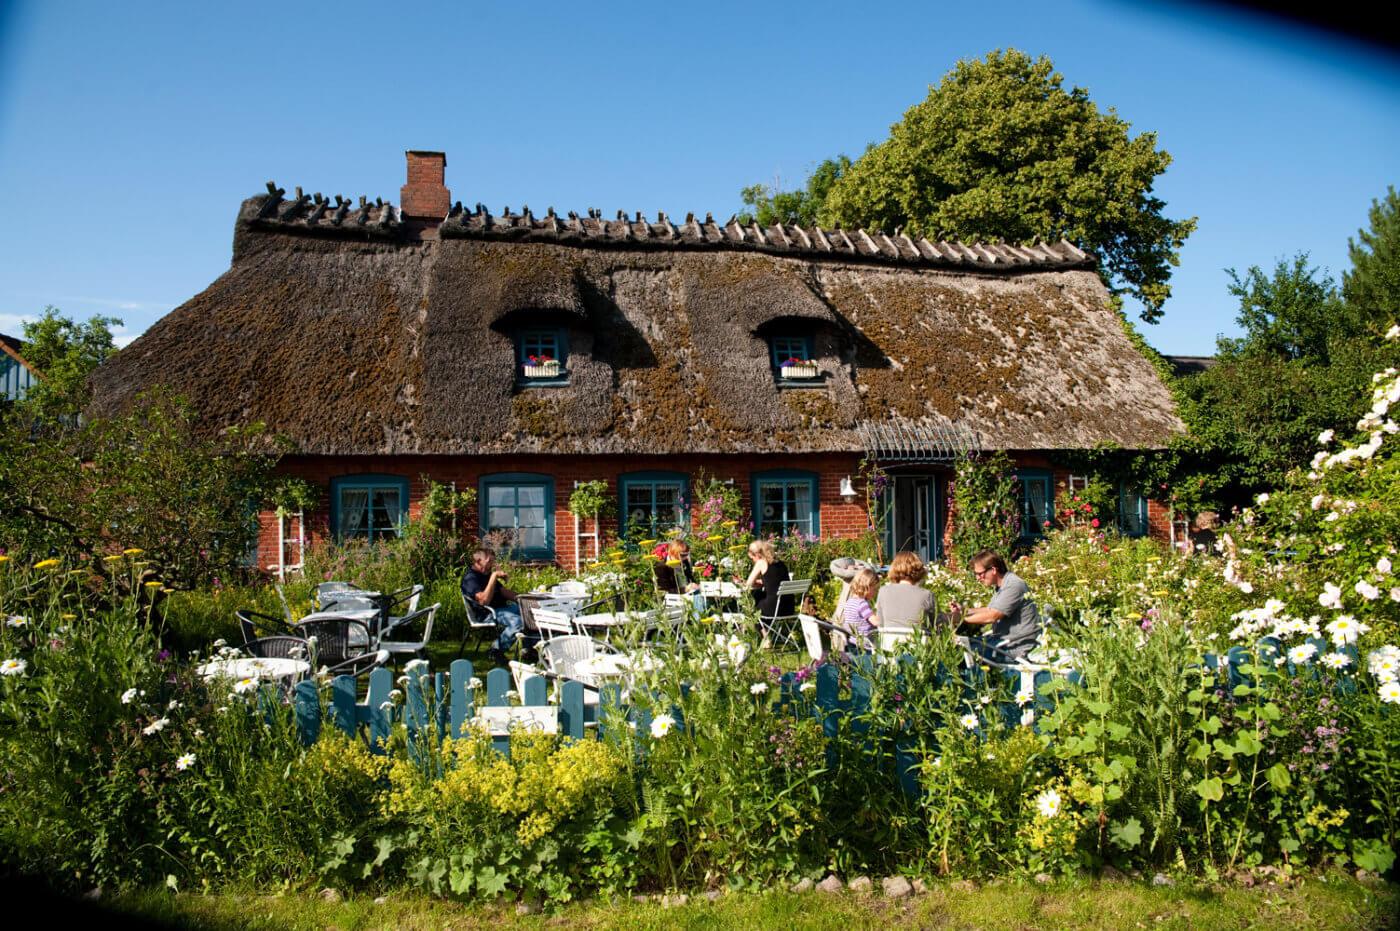 a206e048dbfaf Tourismus in der Region Ostseefjord Schlei, die jetzt von dem Unternehmen  TourCert als